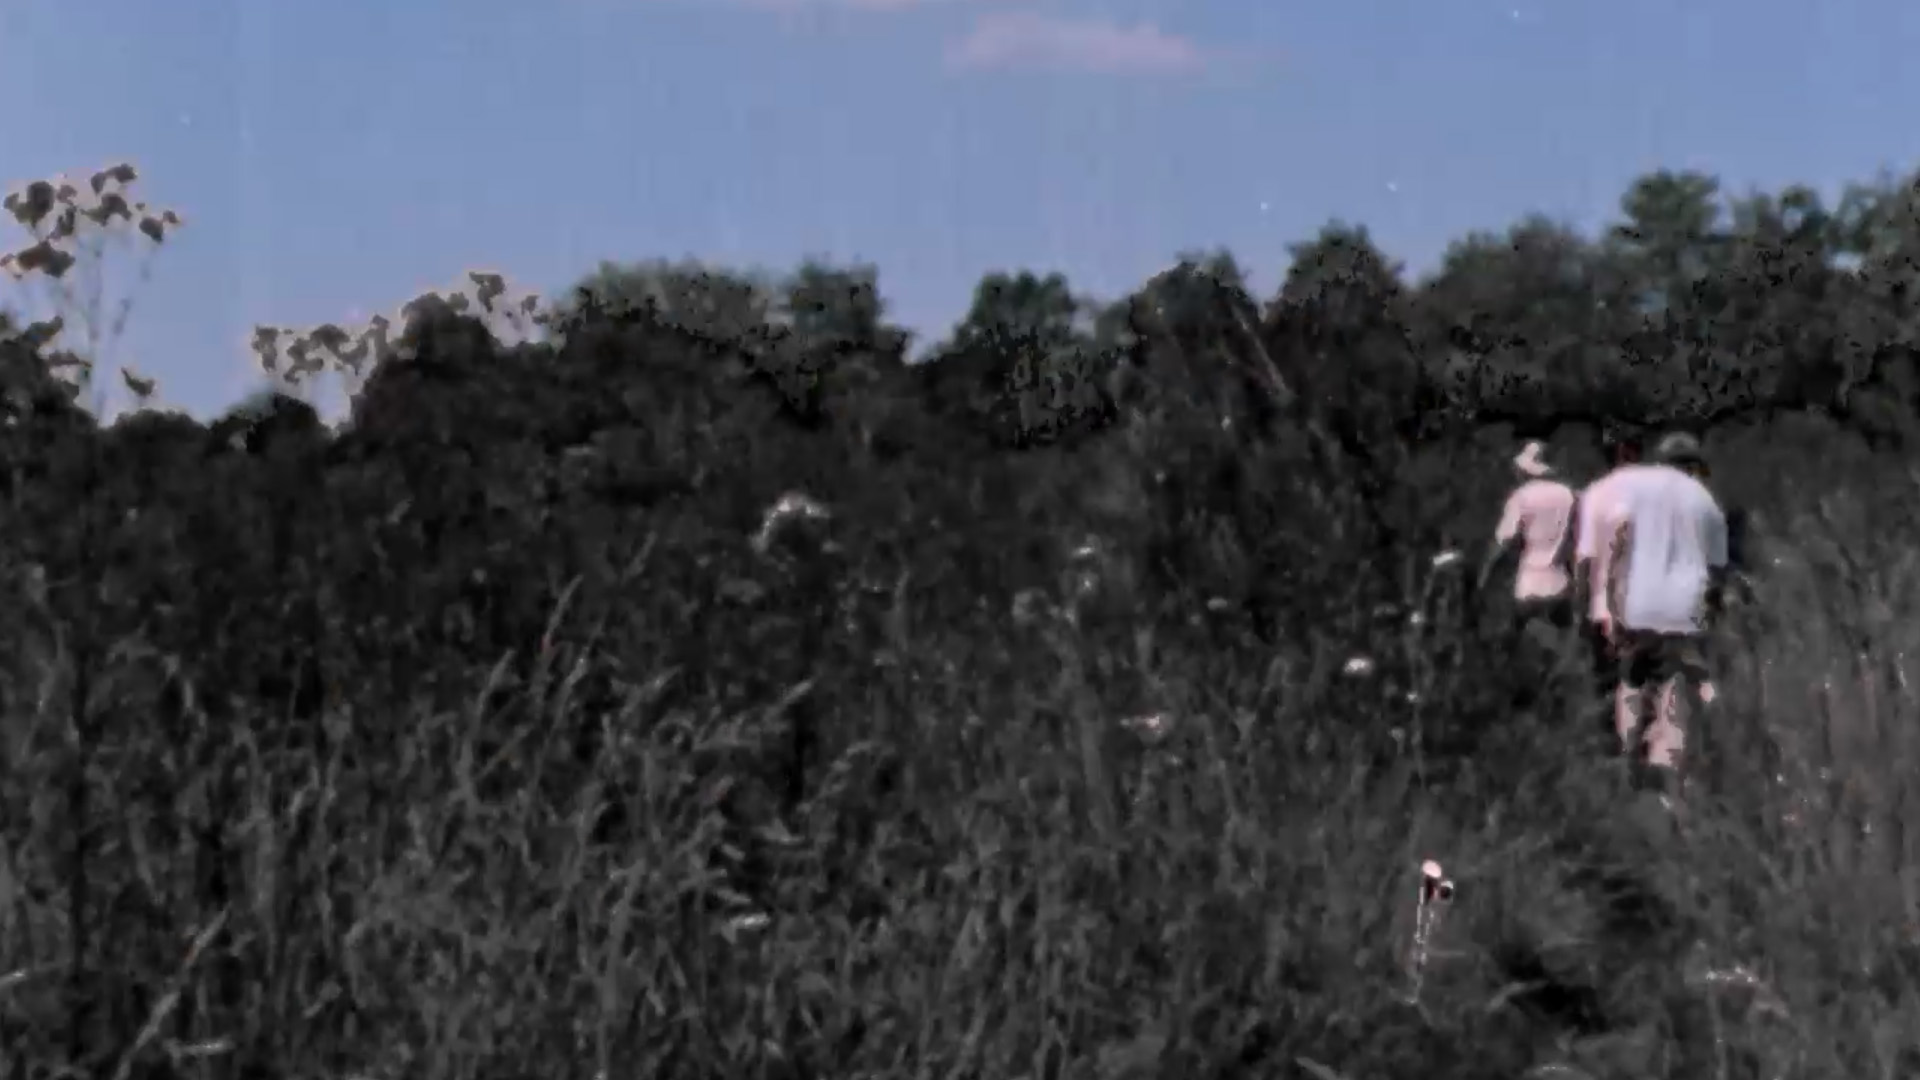 Festival Résistances 2021 Foix Cinéma Militant J**** Liberticide